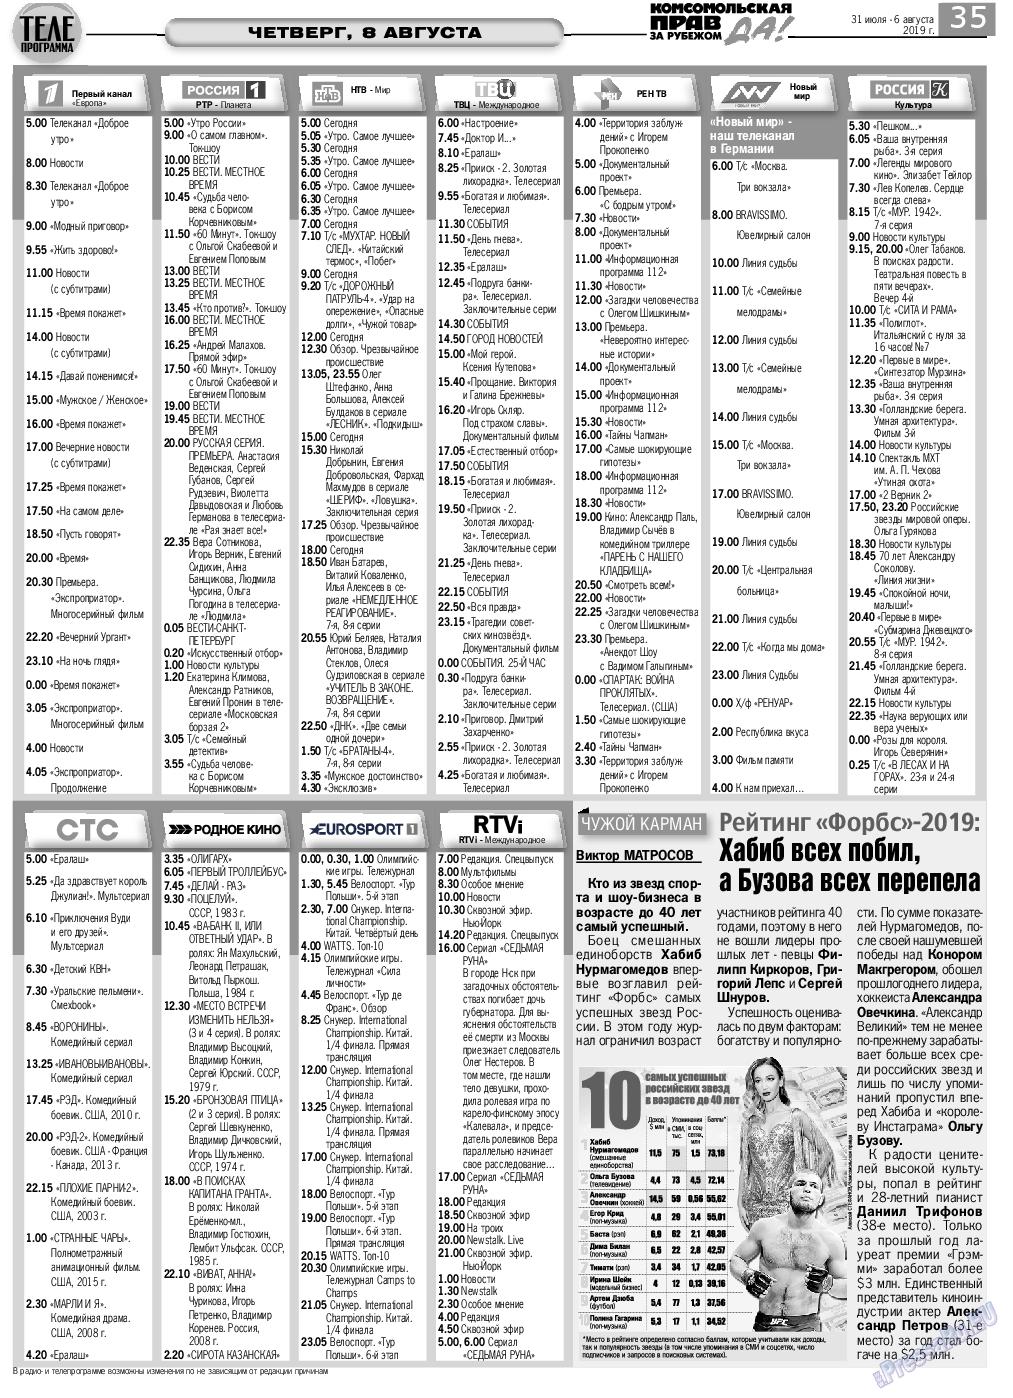 КП в Европе (газета). 2019 год, номер 31, стр. 35